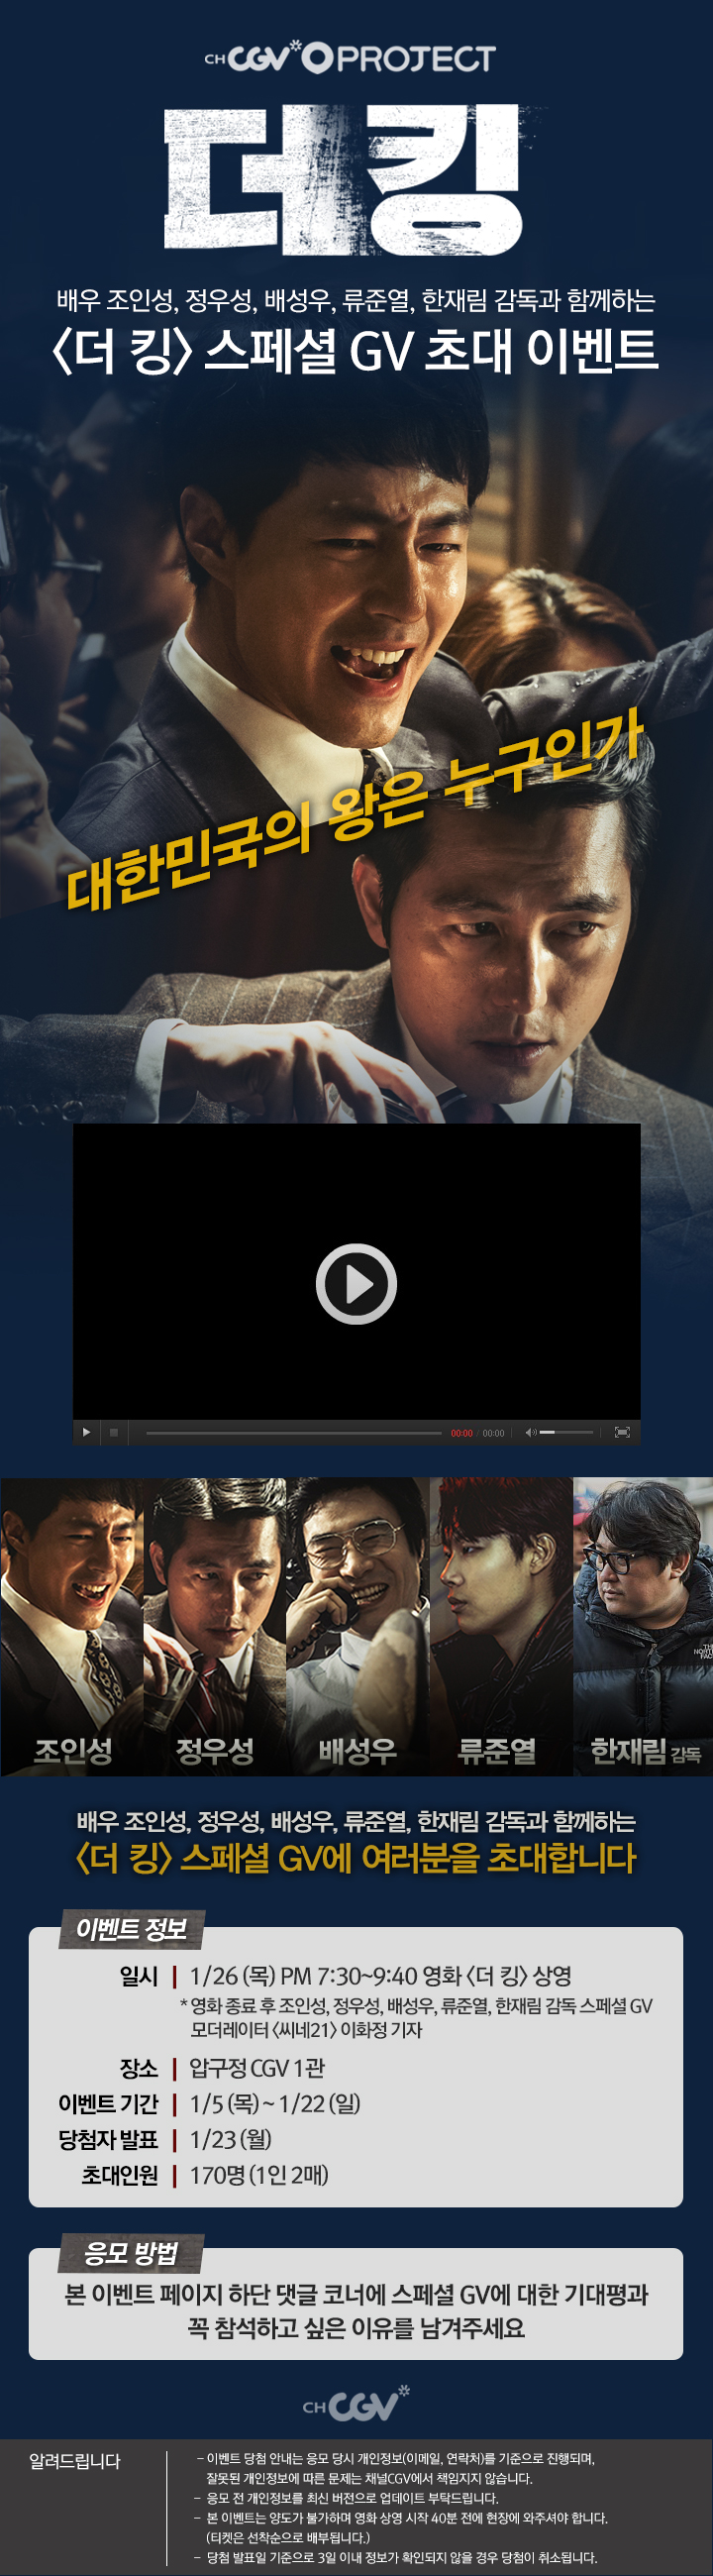 배우 조인성, 정우성, 배성우, 류준열, 한재림 감독과 함께하는 [더 킹] 스페셜 GV 초대 이벤트